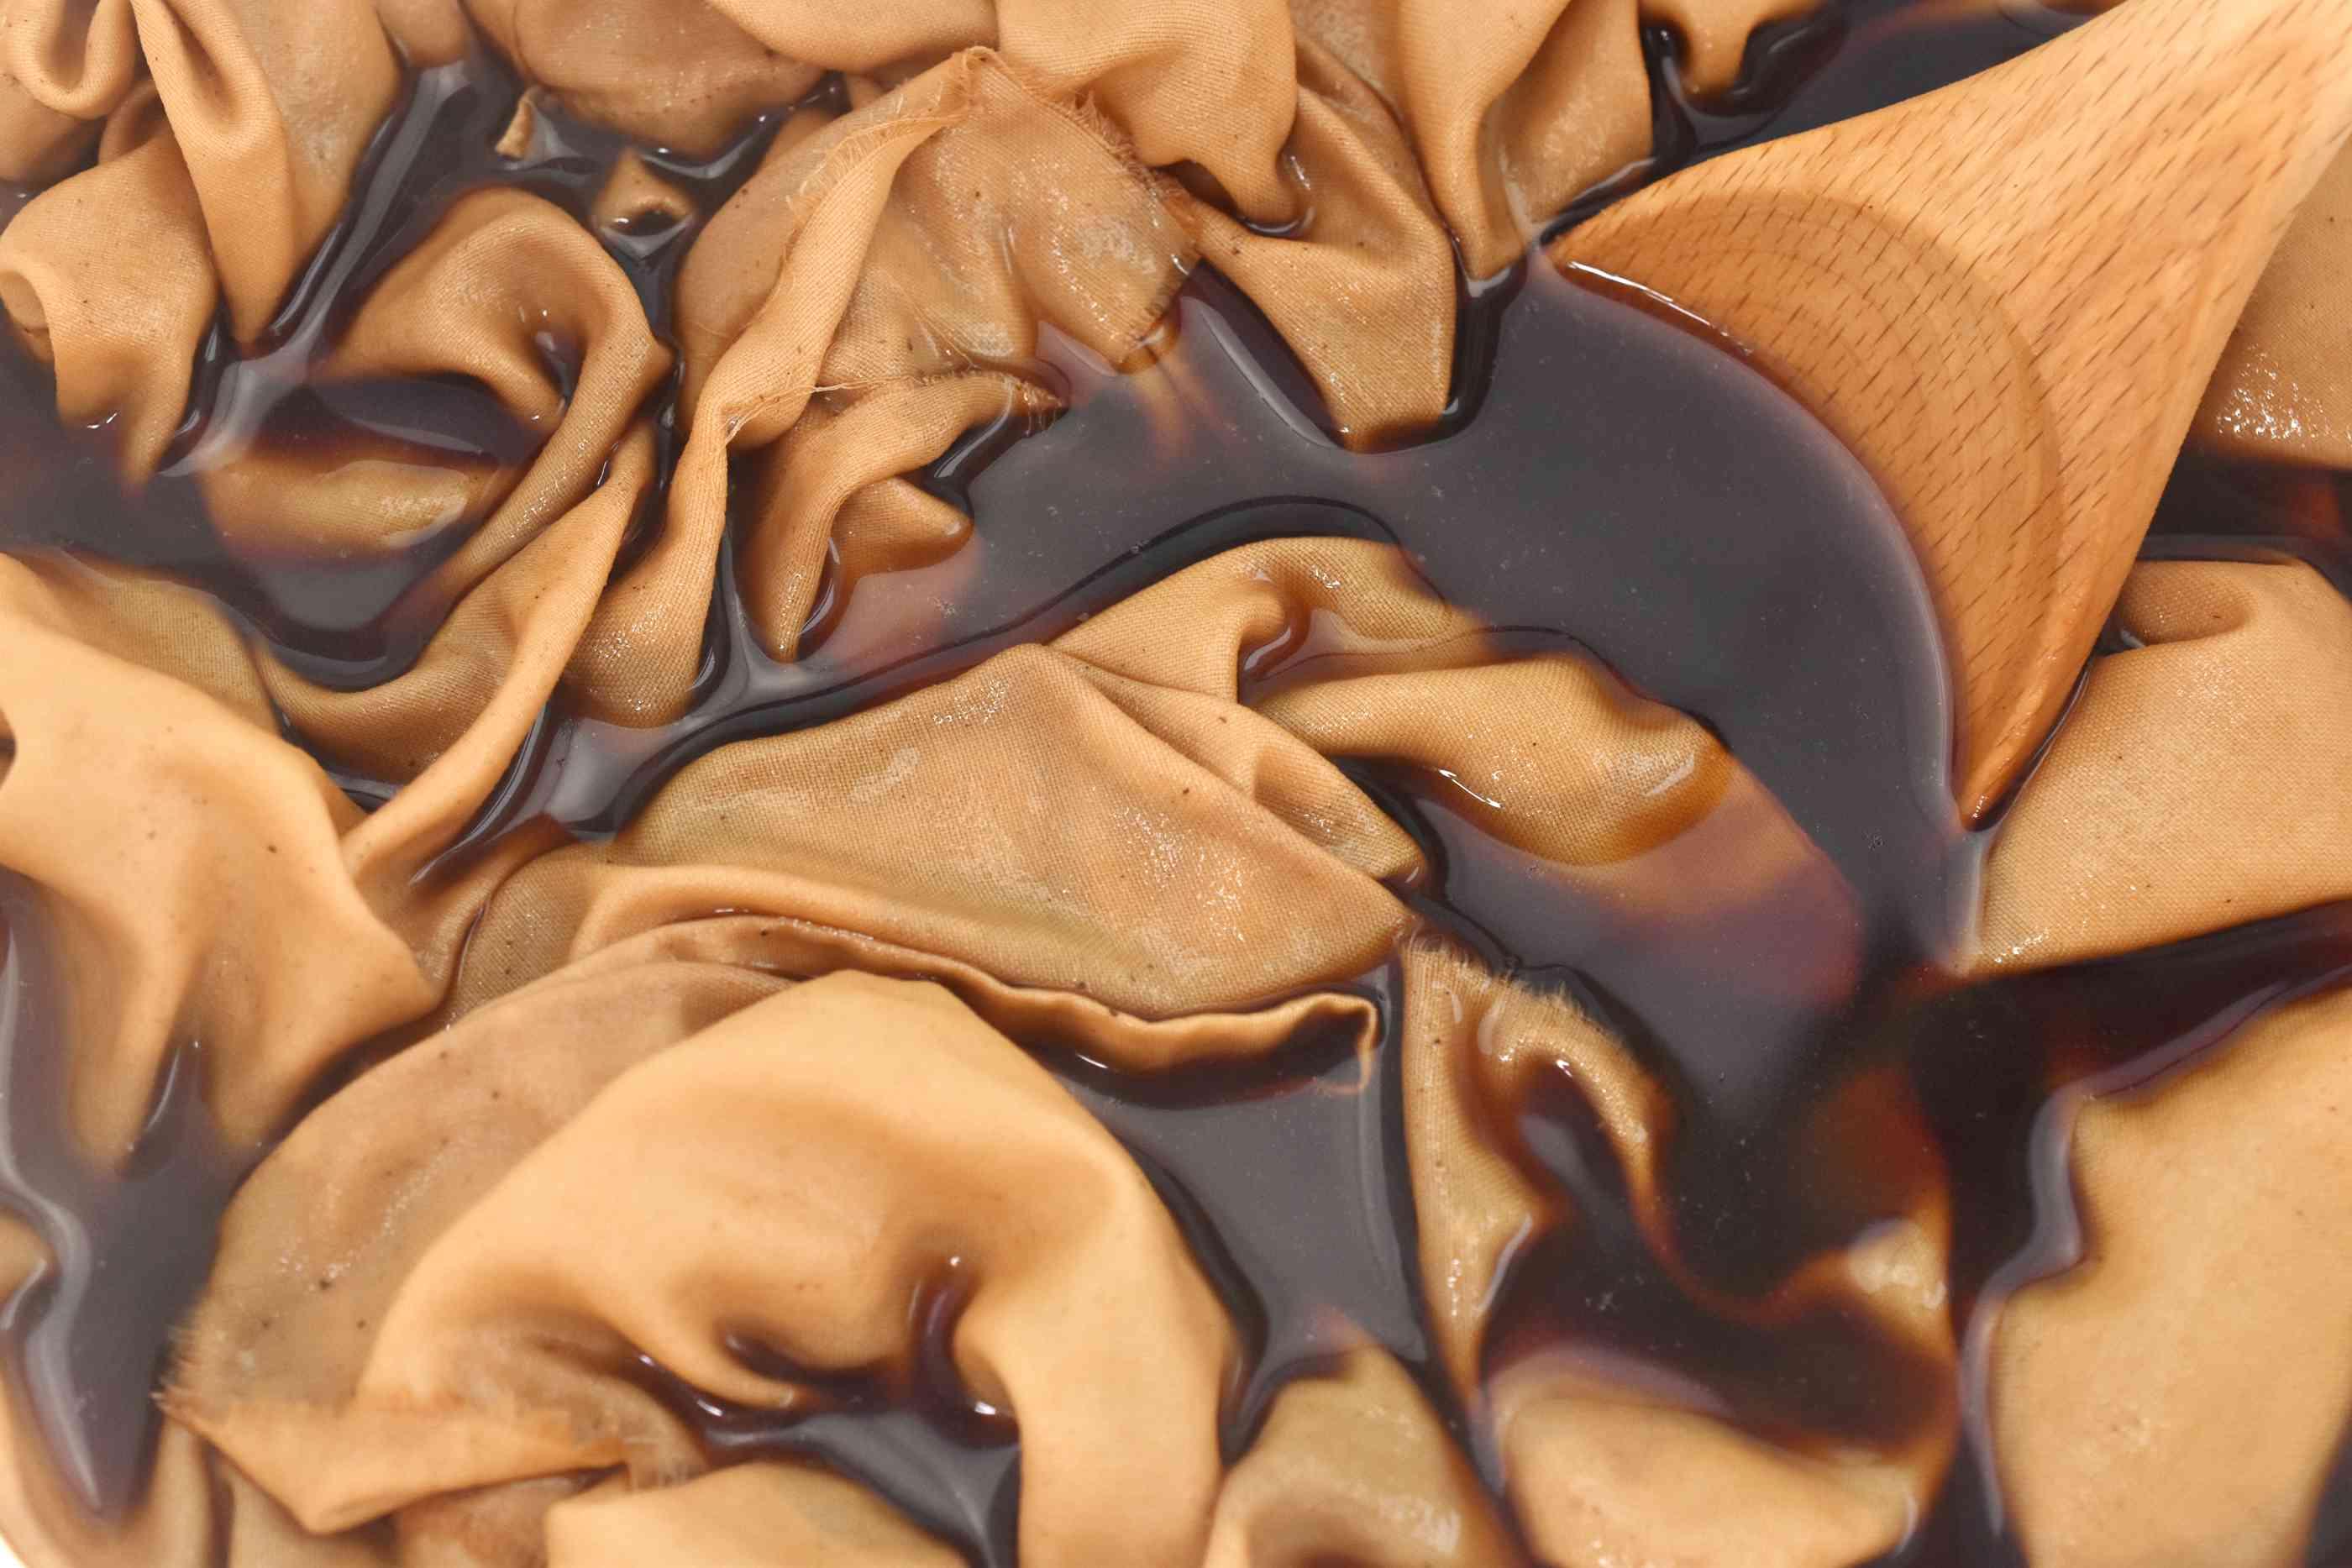 Fabric Being Stirred in a Coffee Dye Bath